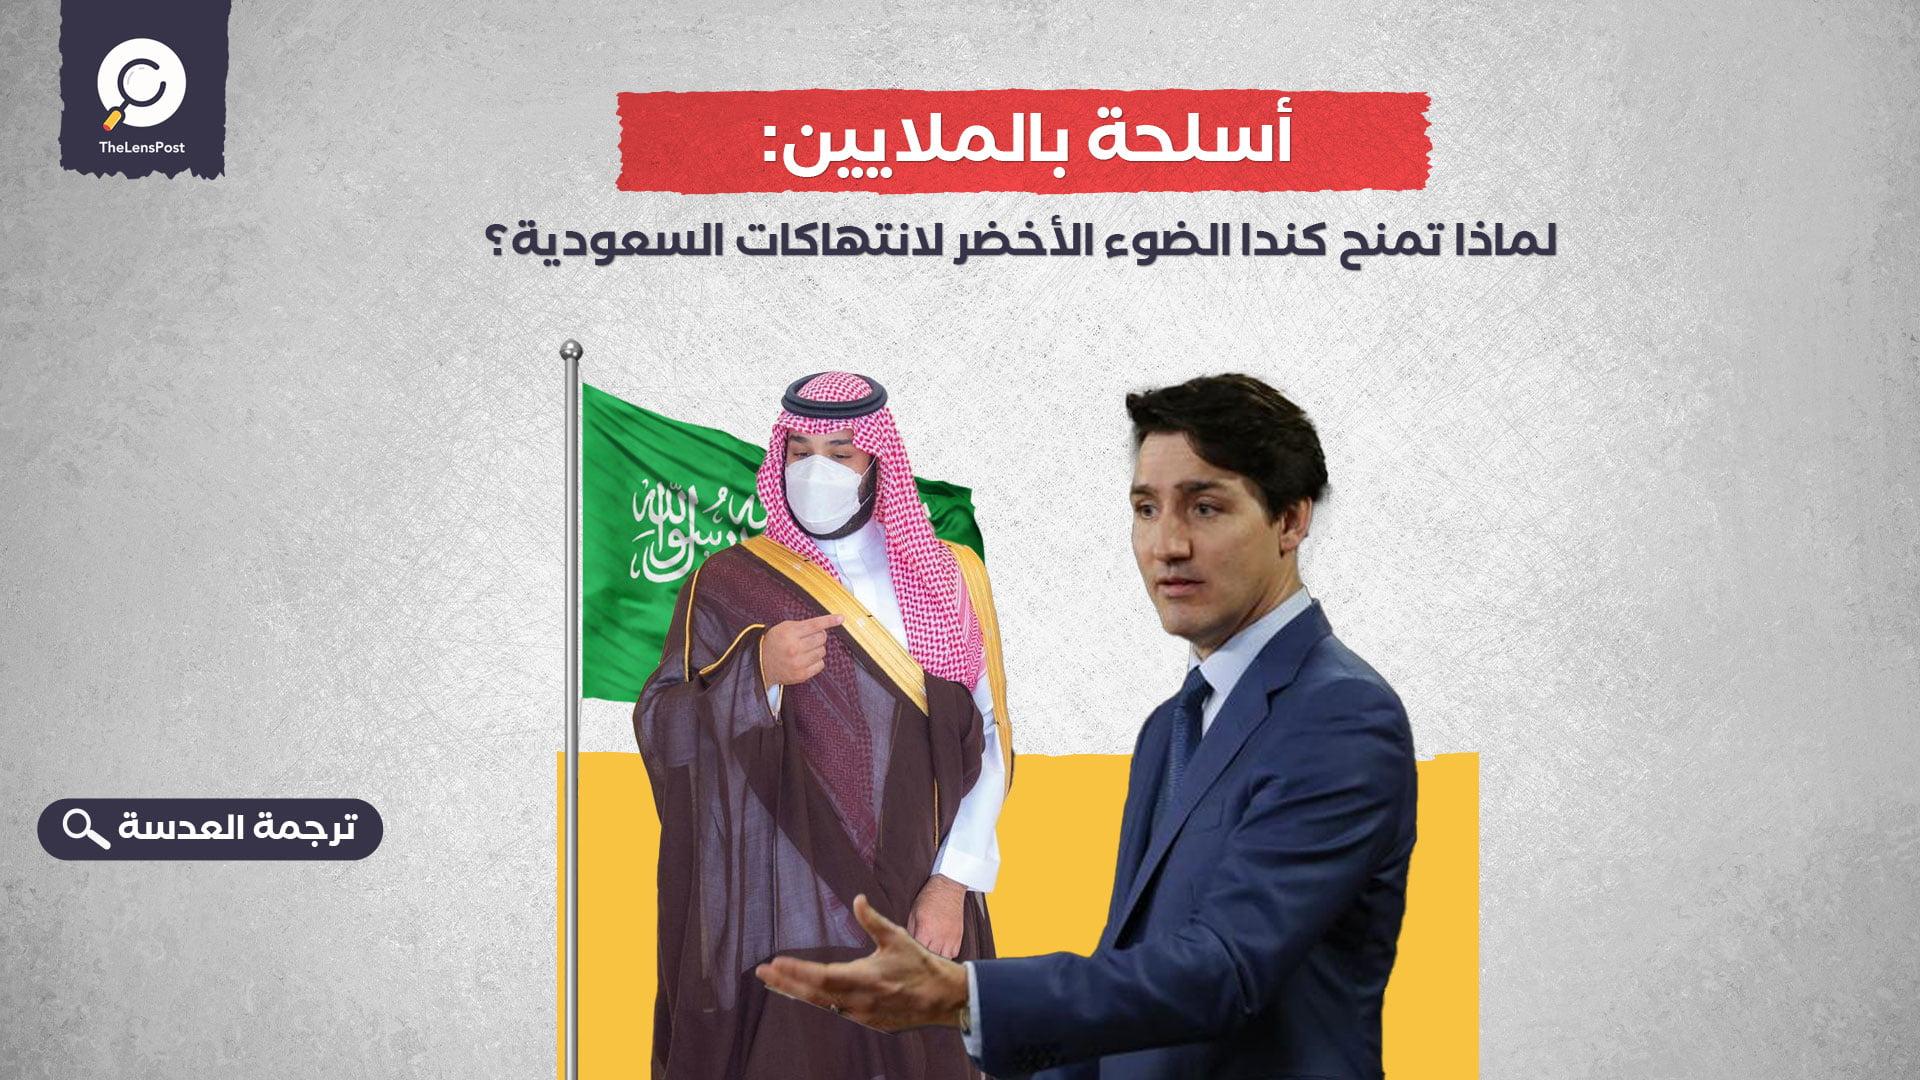 أسلحة بالملايين: لماذا تمنح كندا الضوء الأخضر لانتهاكات السعودية؟